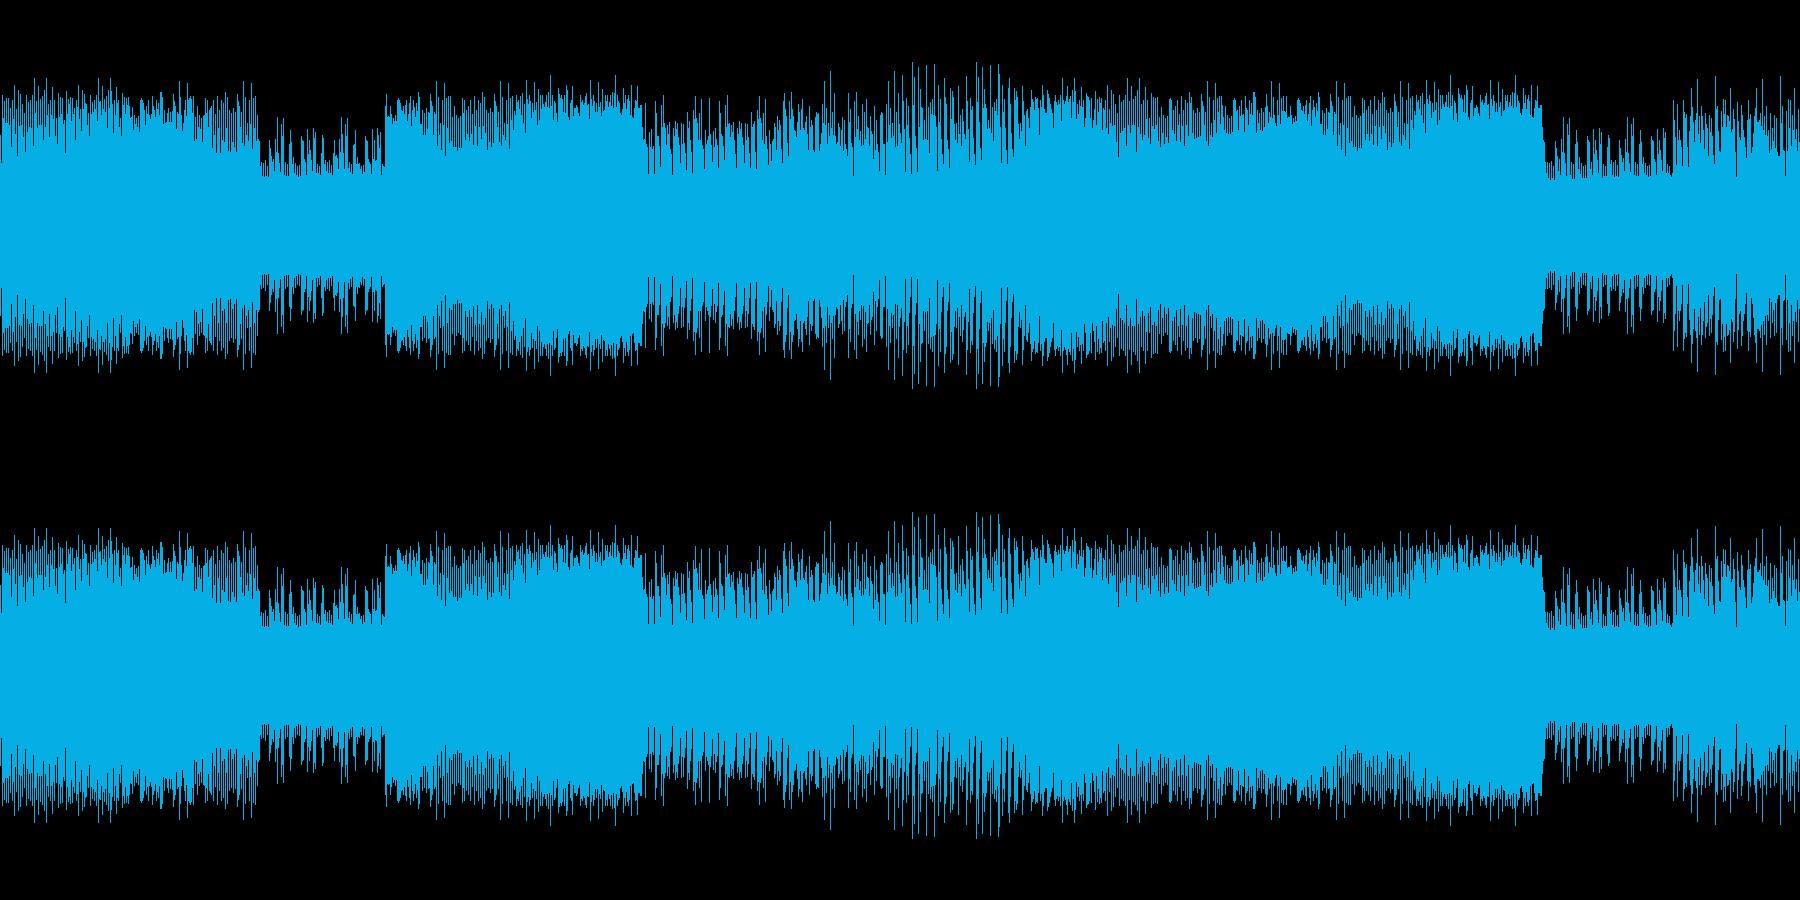 8ビットゲームサウンドBGM 03の再生済みの波形